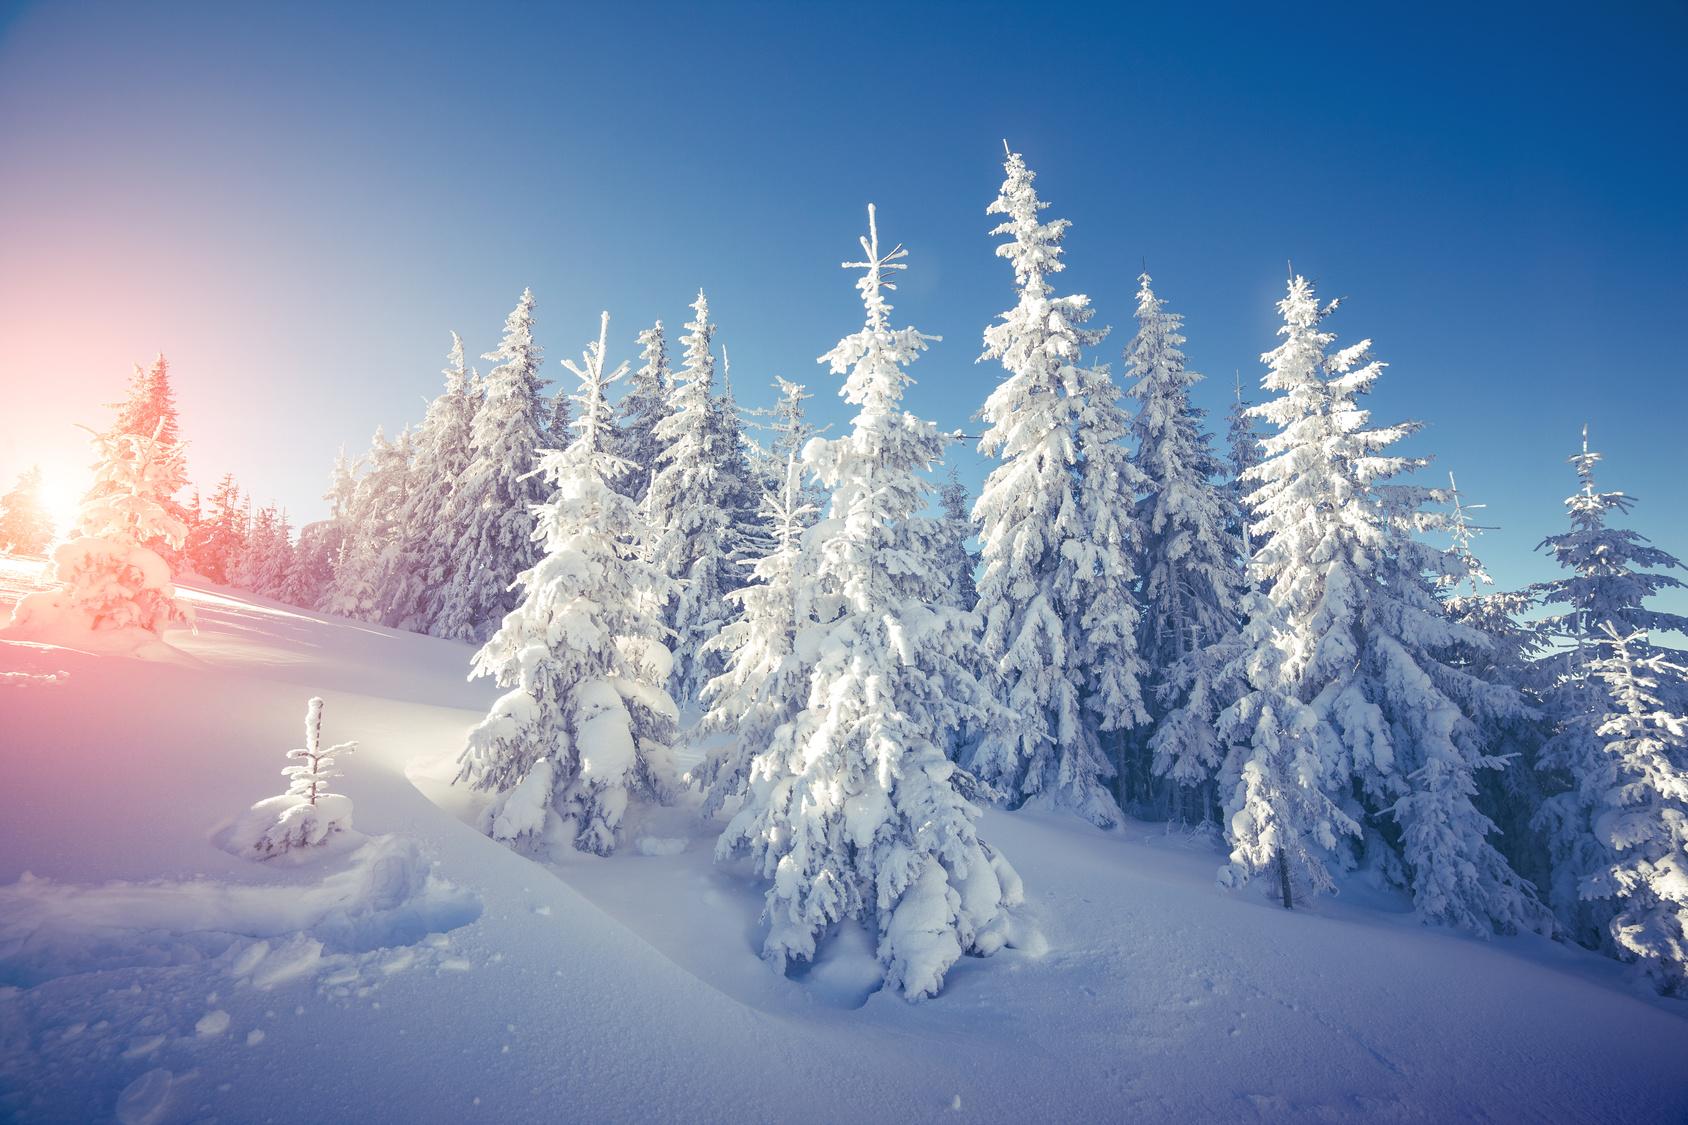 Schneebedeckte Nadelbäume vor blauem Himmel und rotleuchtender, aufgehender Sonne.